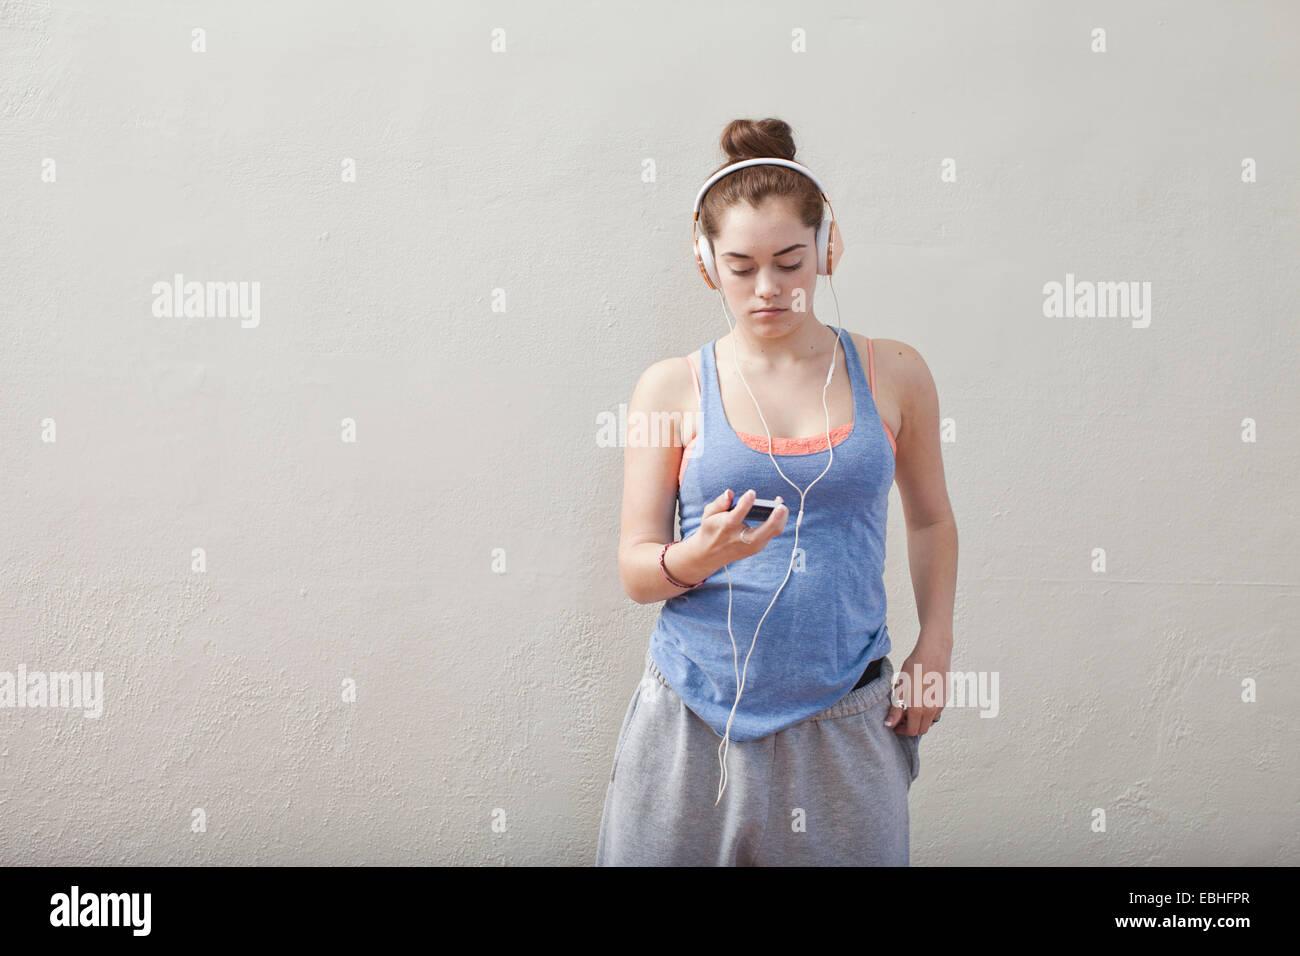 Ragazza adolescente ascoltando musica dello smartphone in scuola di danza Immagini Stock